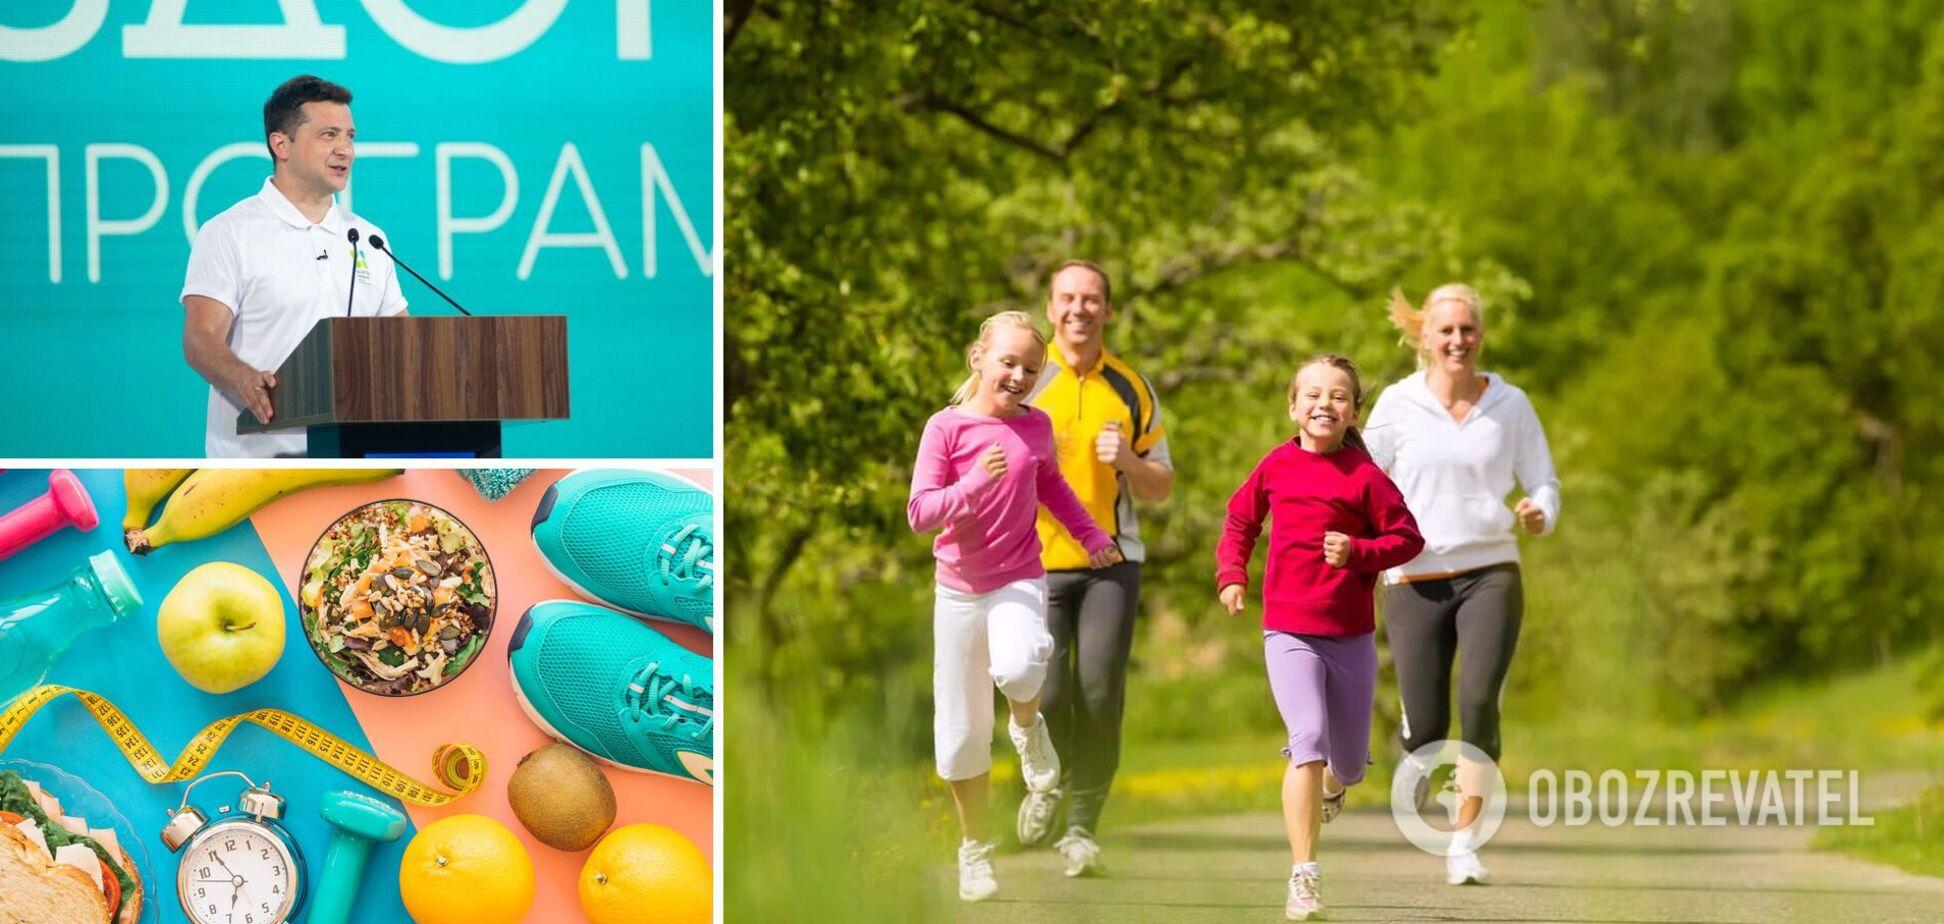 Зеленський вирішив будувати здорову націю: дітям їжу, дорослим майданчики, а пенсіонерам вітаміни